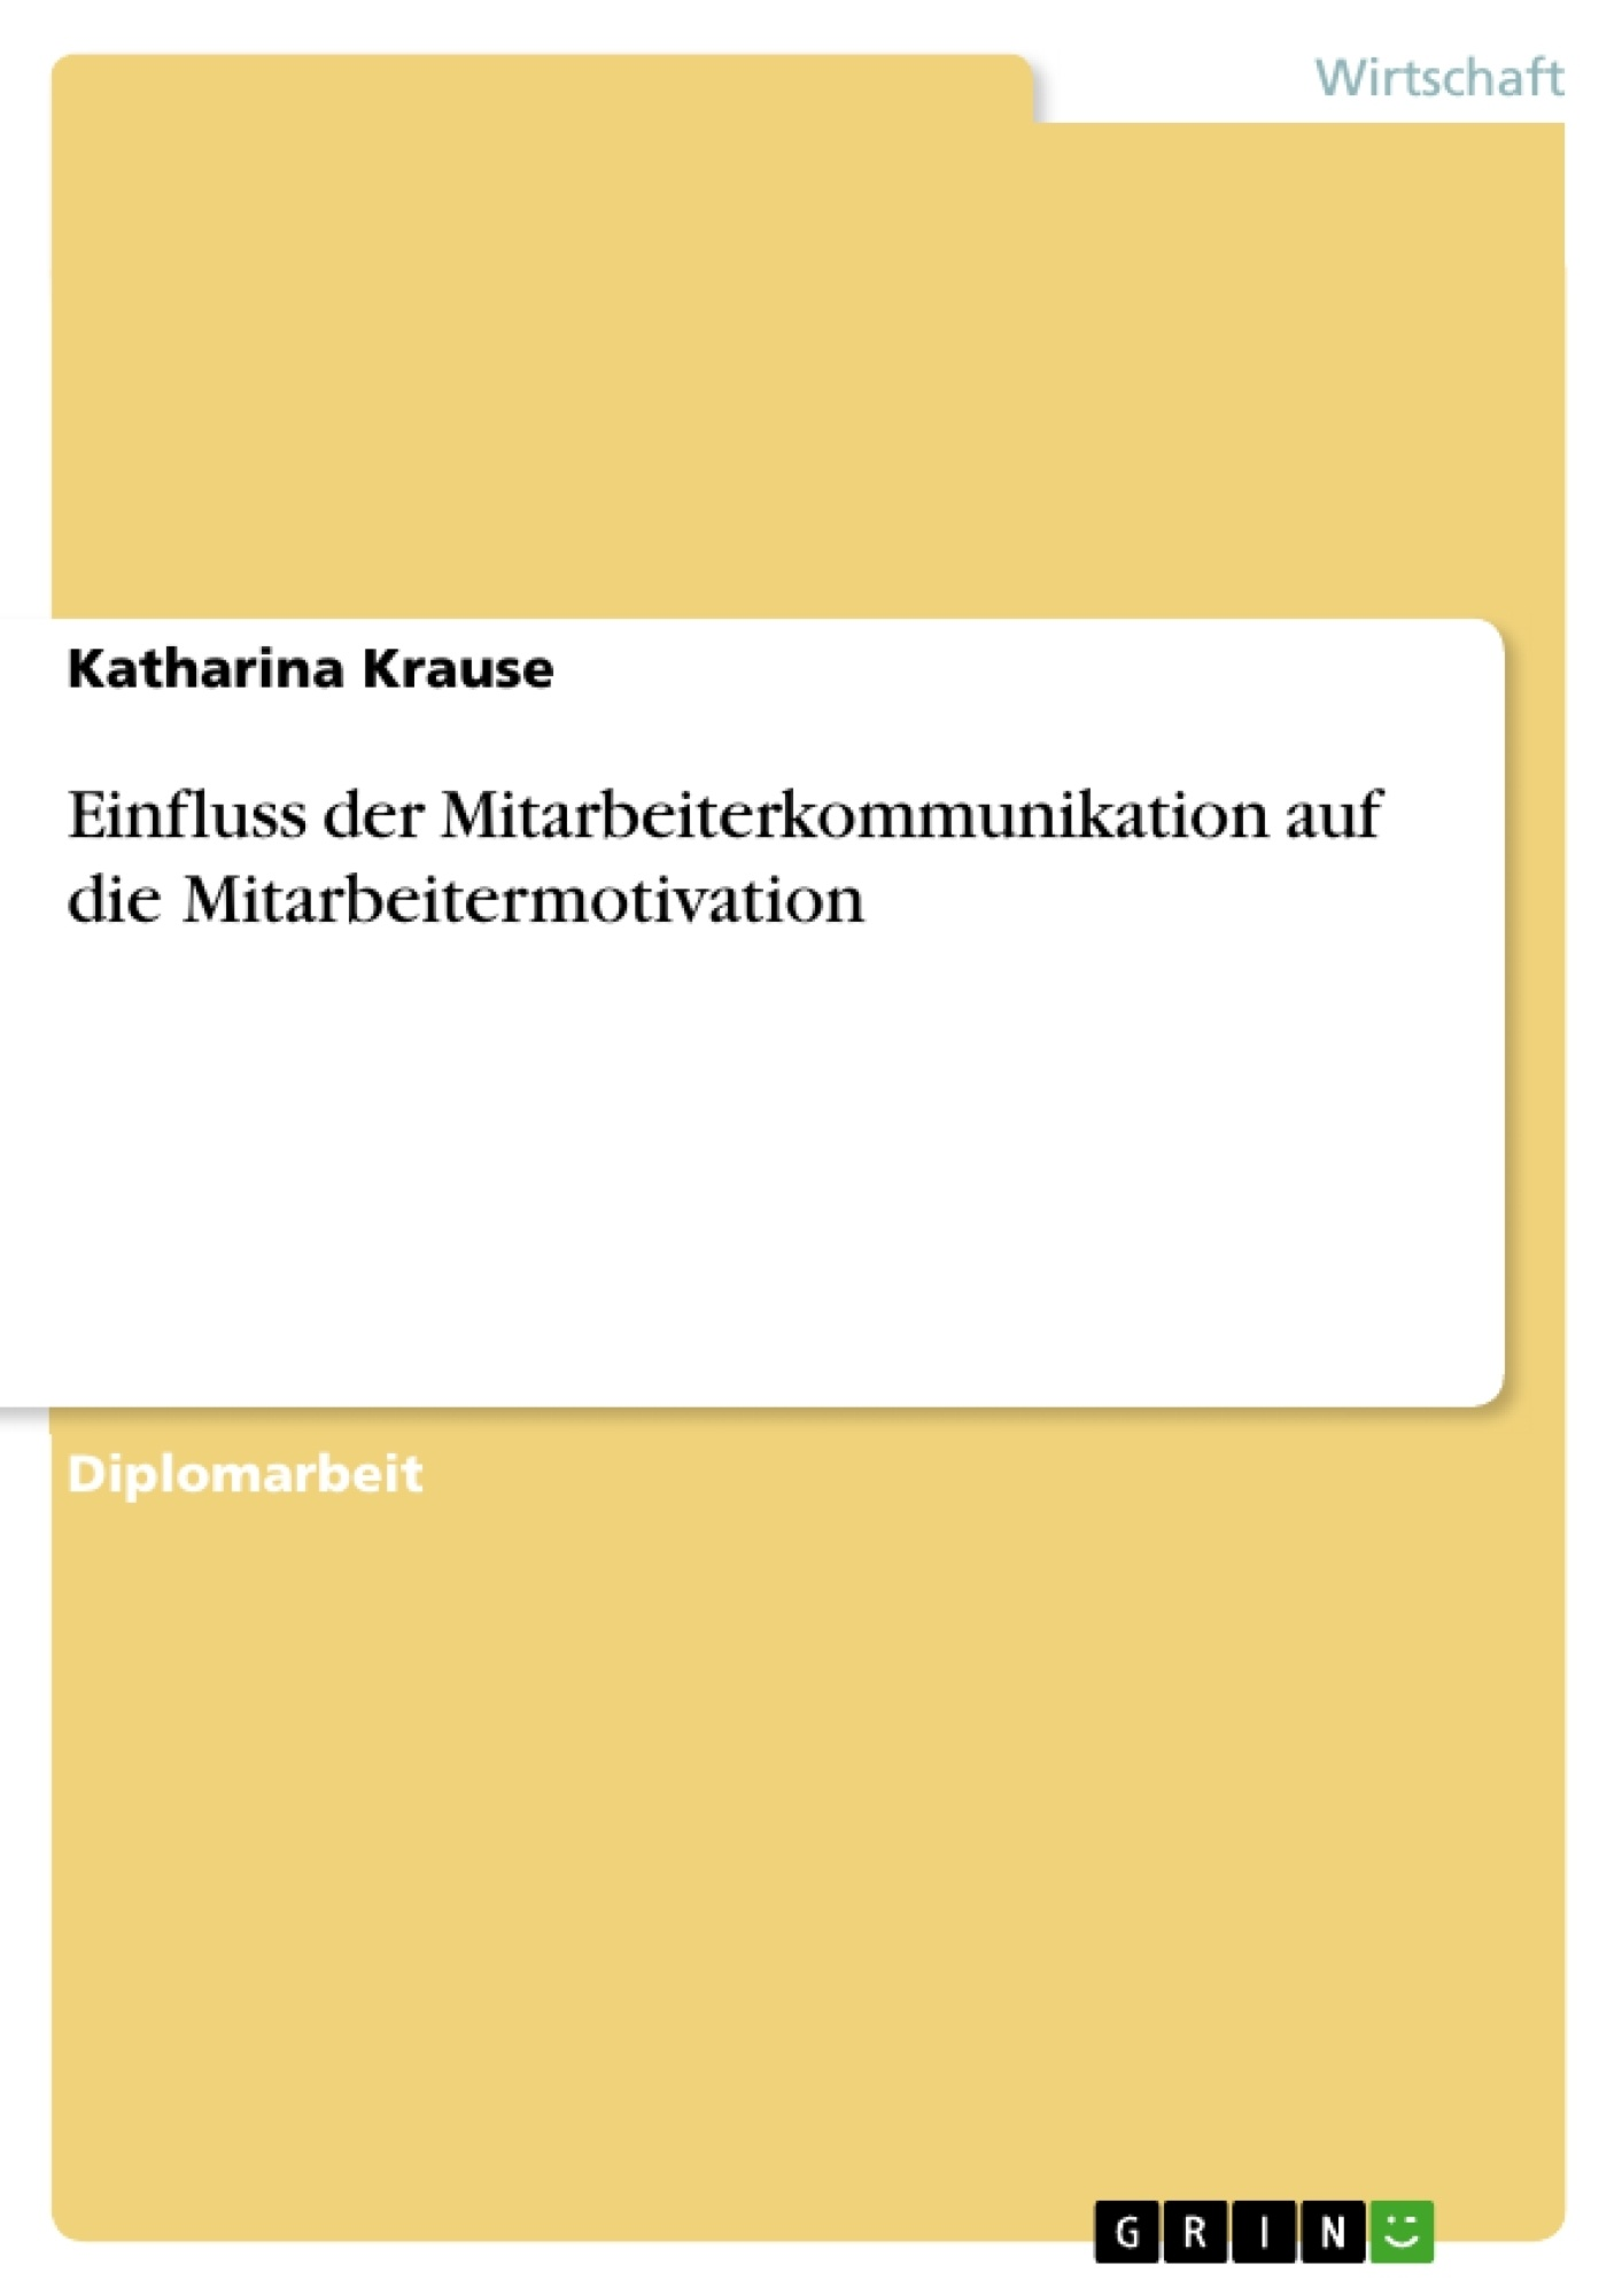 Titel: Einfluss der Mitarbeiterkommunikation auf die Mitarbeitermotivation